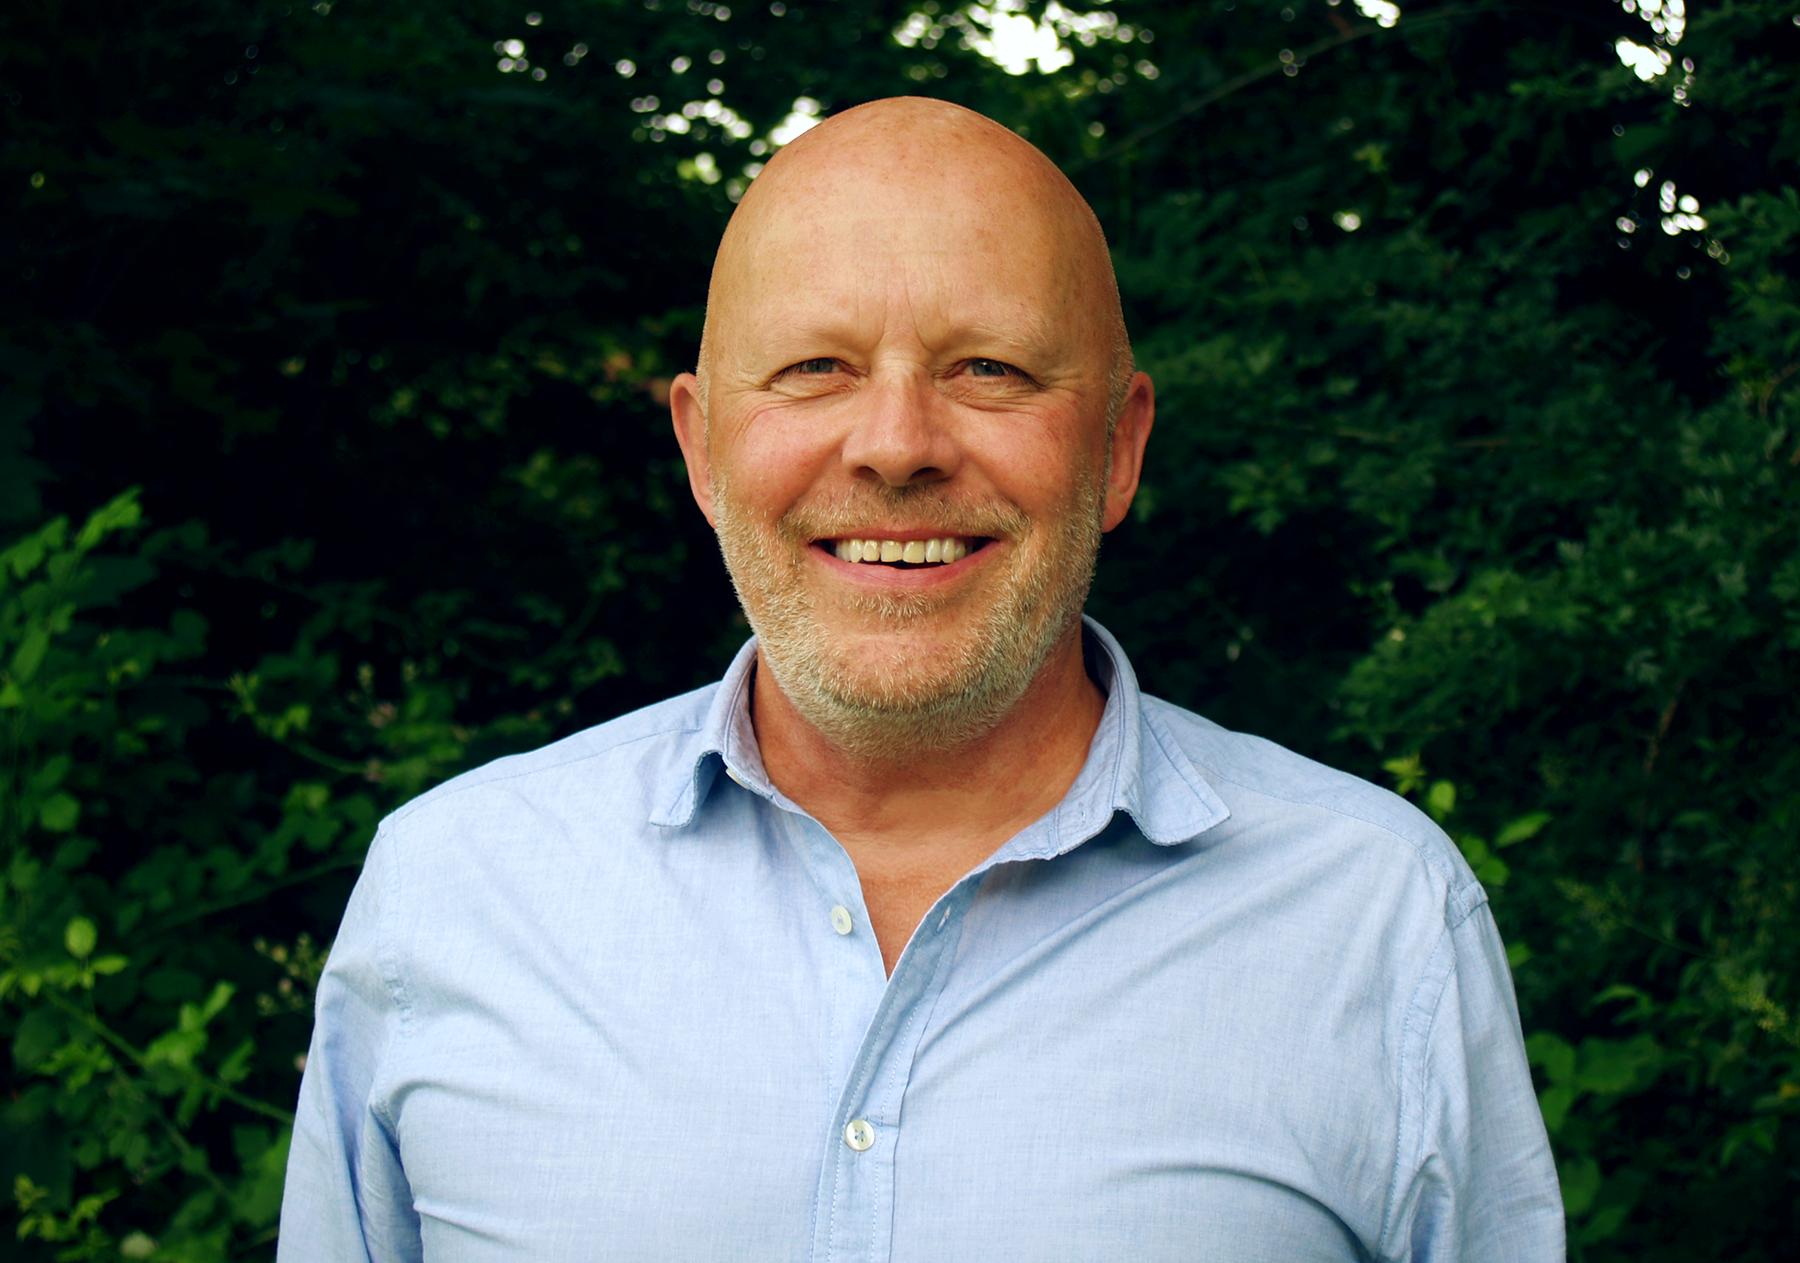 Derek Hudson - Head of Digital Transformation